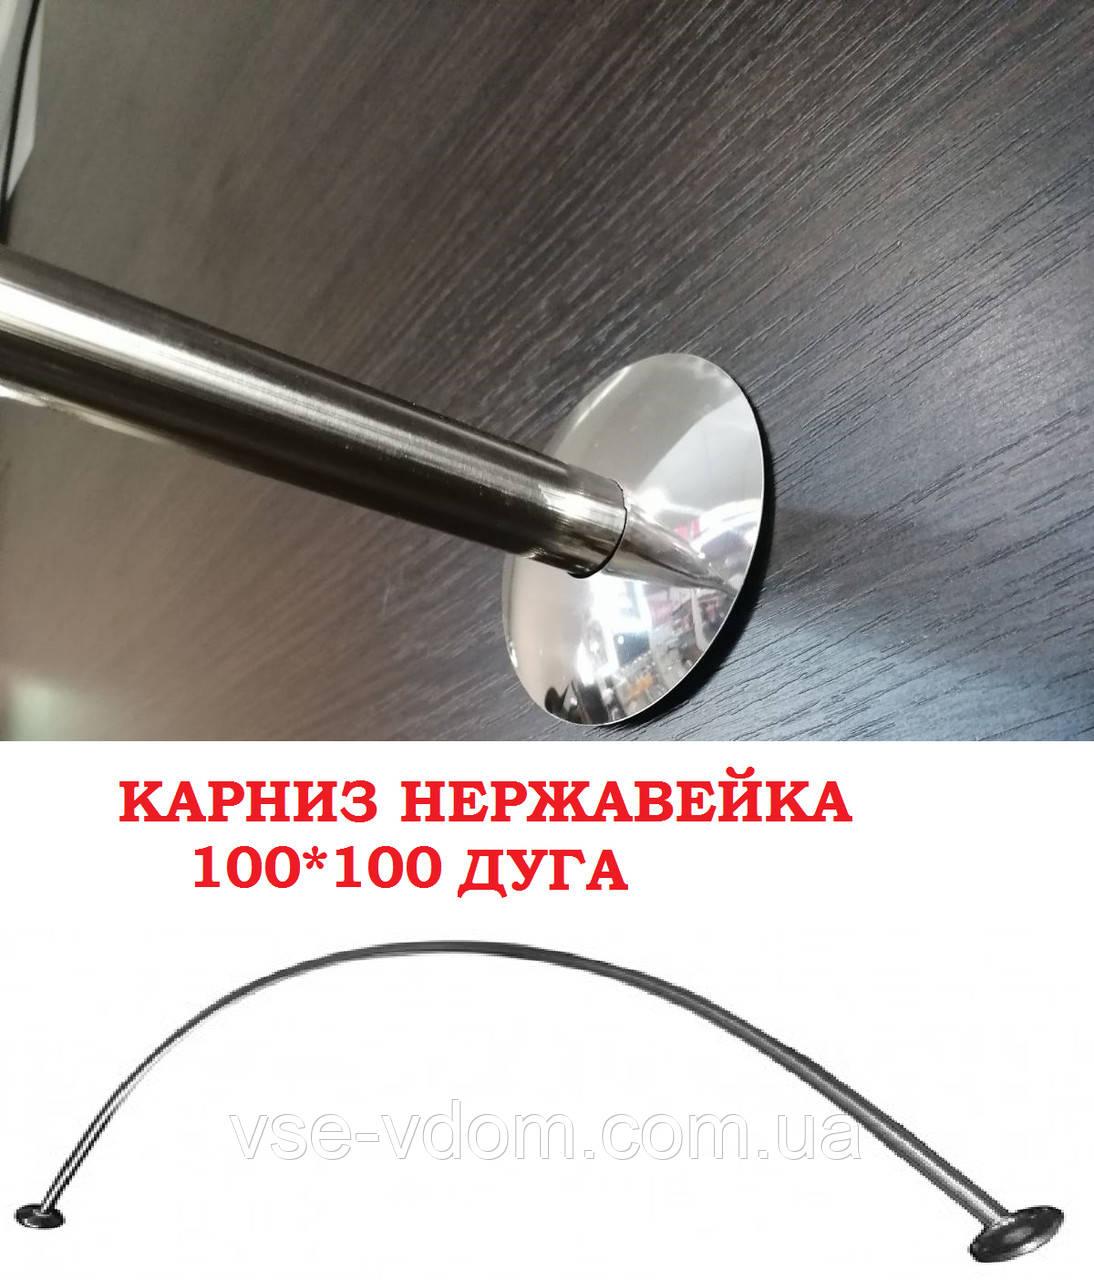 Карниз нержавейка дуга 100*100 для шторы (ванная, душ)